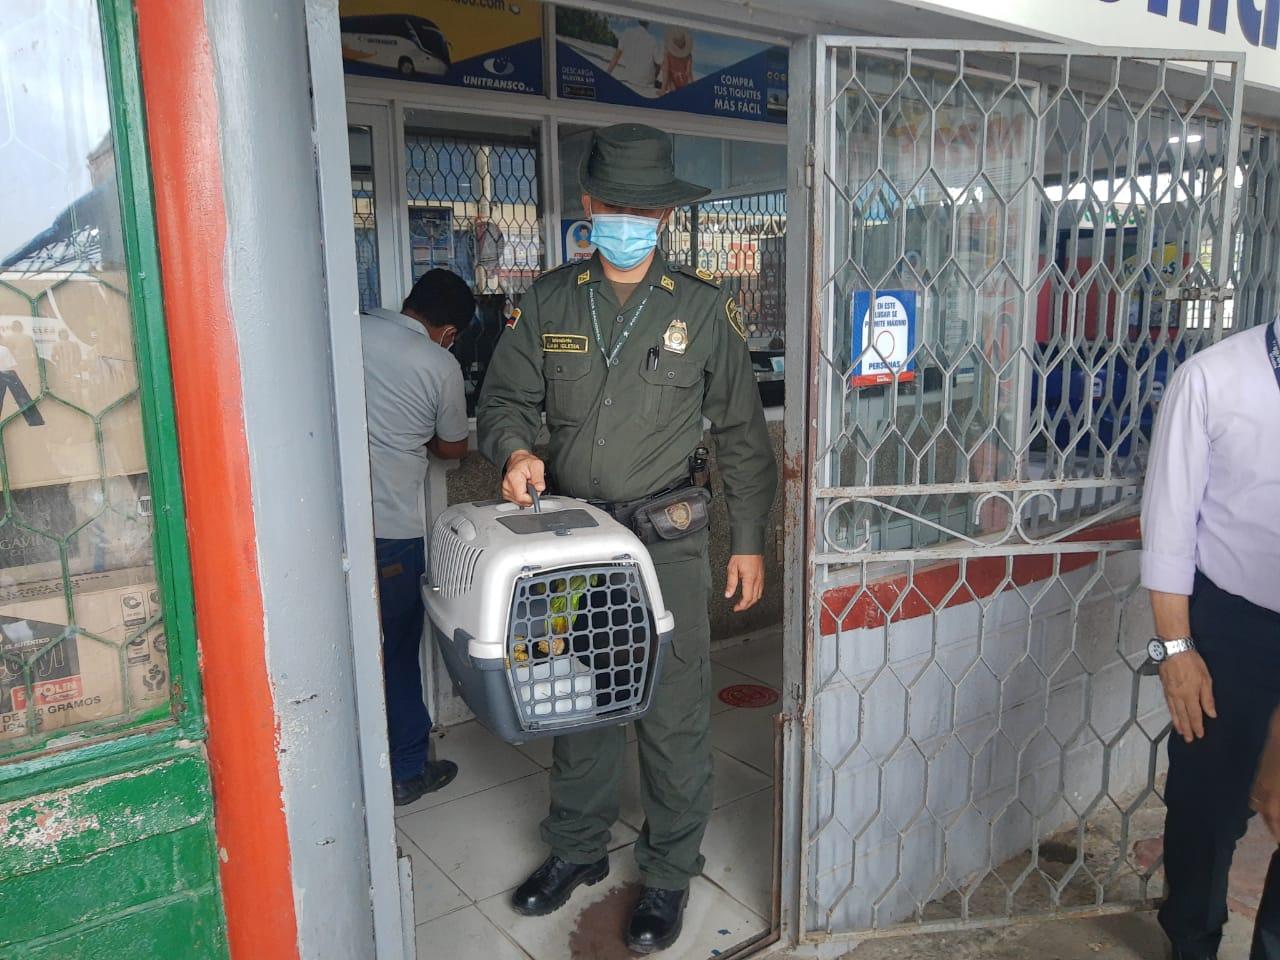 hoyennoticia.com, Policía adelantó campaña para preservar especies en La Guajira